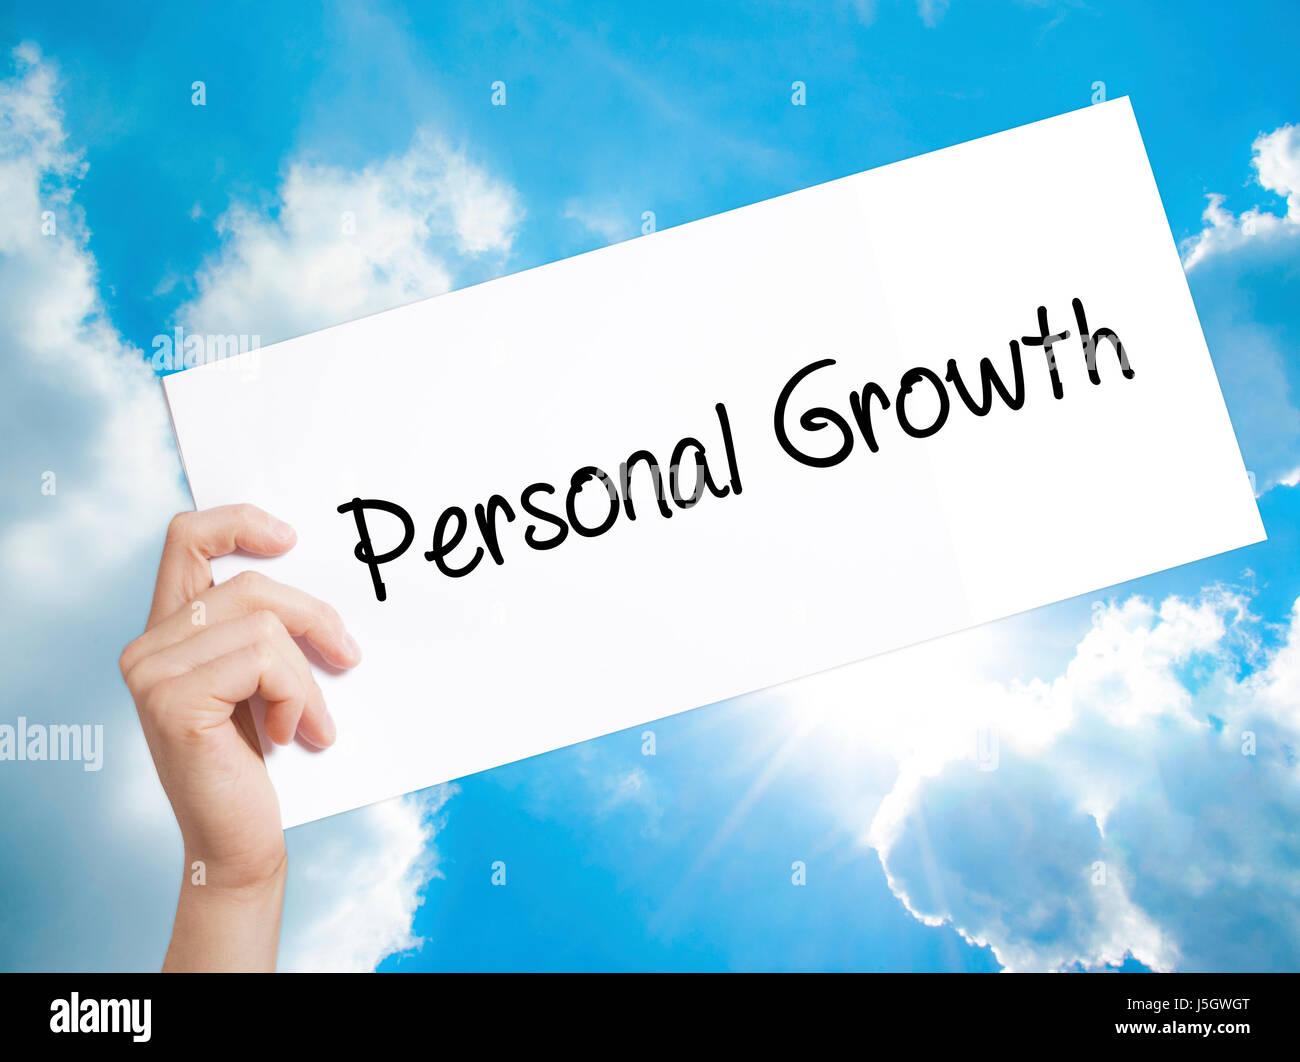 Crecimiento Personal firmar sobre papel blanco. Mano de hombre sosteniendo el papel con texto. Aislado sobre fondo Imagen De Stock